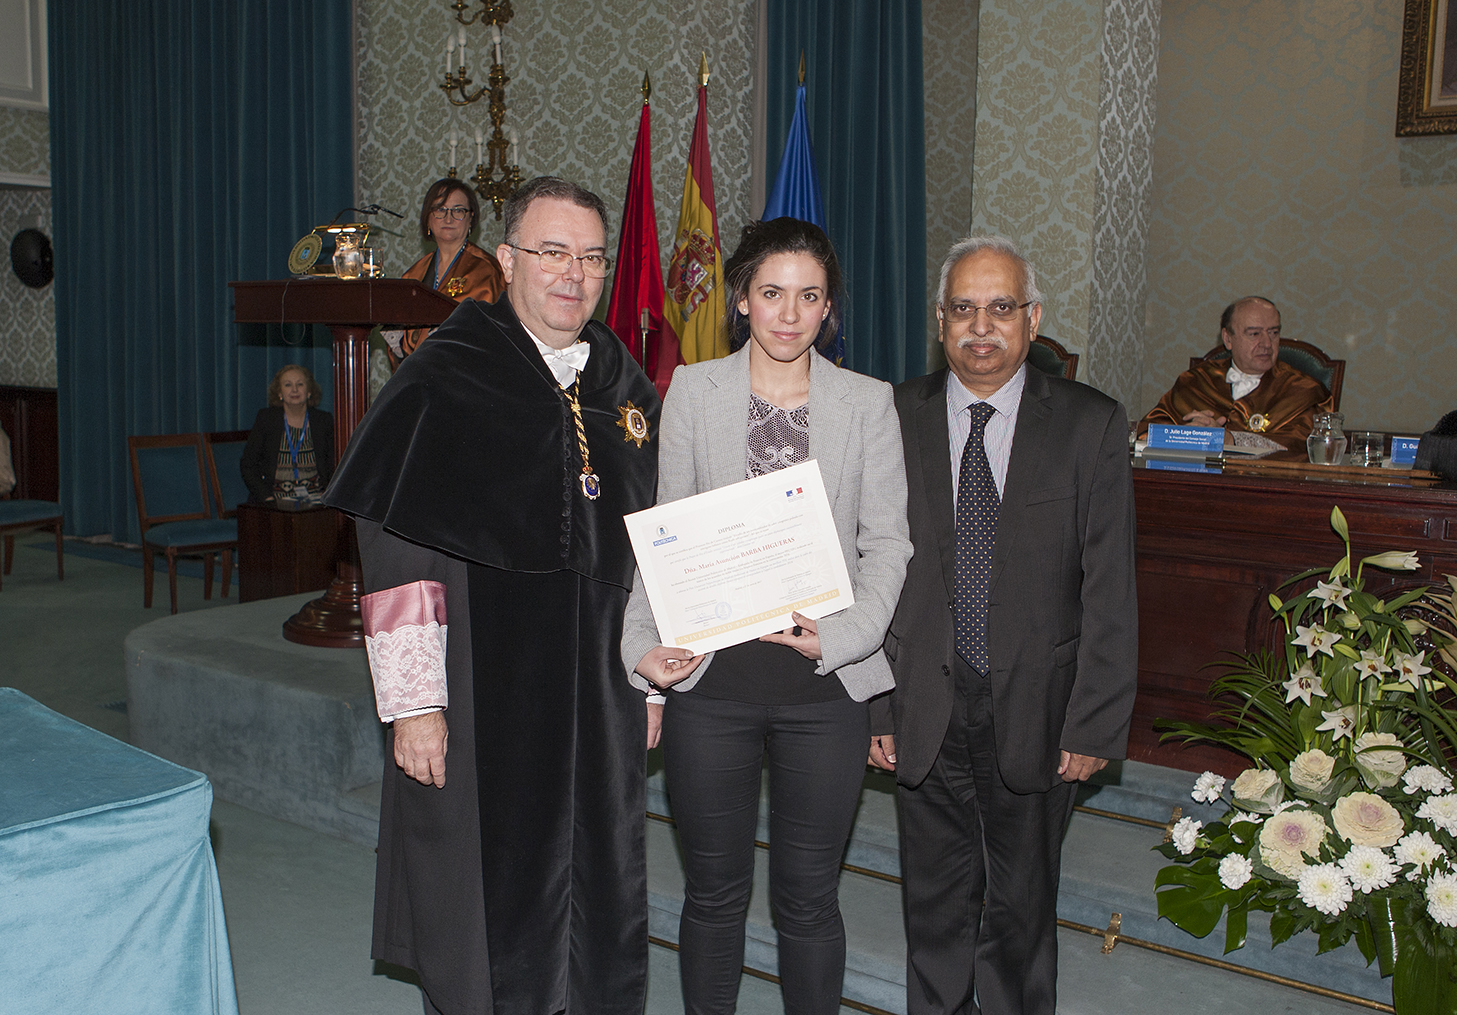 Une étudiante du SACM primée par l'ambassade de France en Espagne